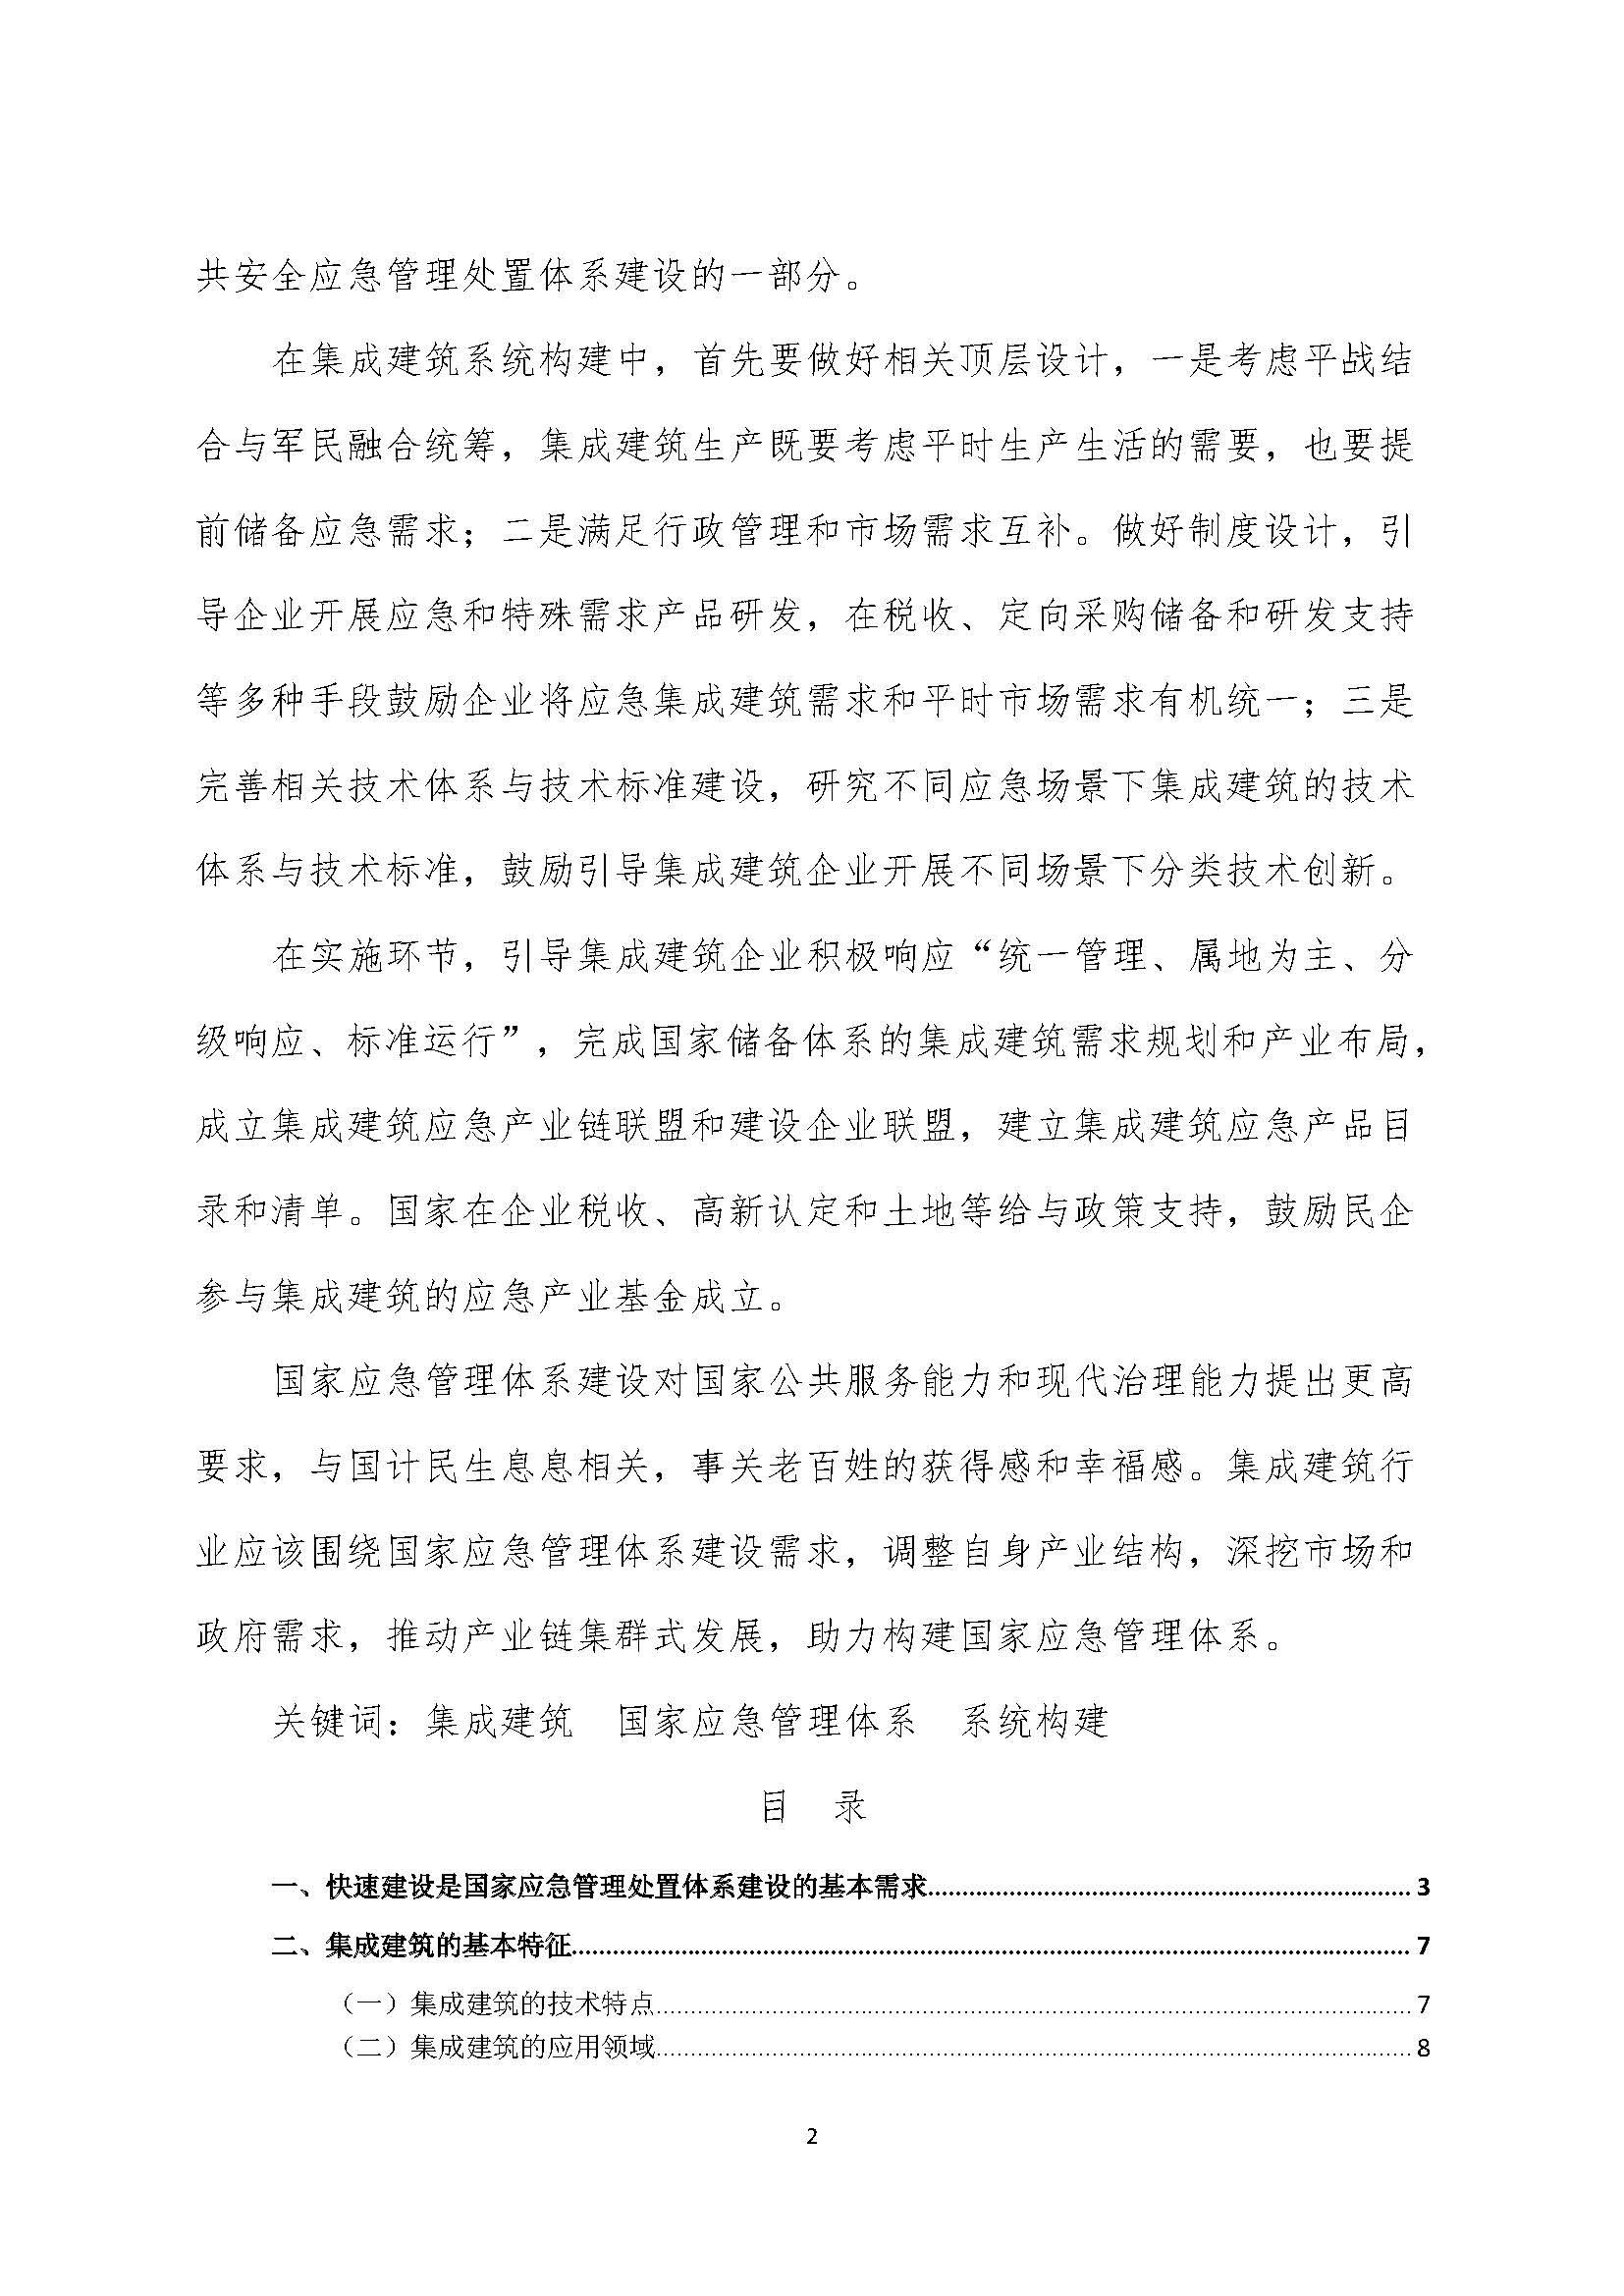 新闻-集成建筑系统构建在国家应急管理体系建设中的应用研究-02172_页面_02